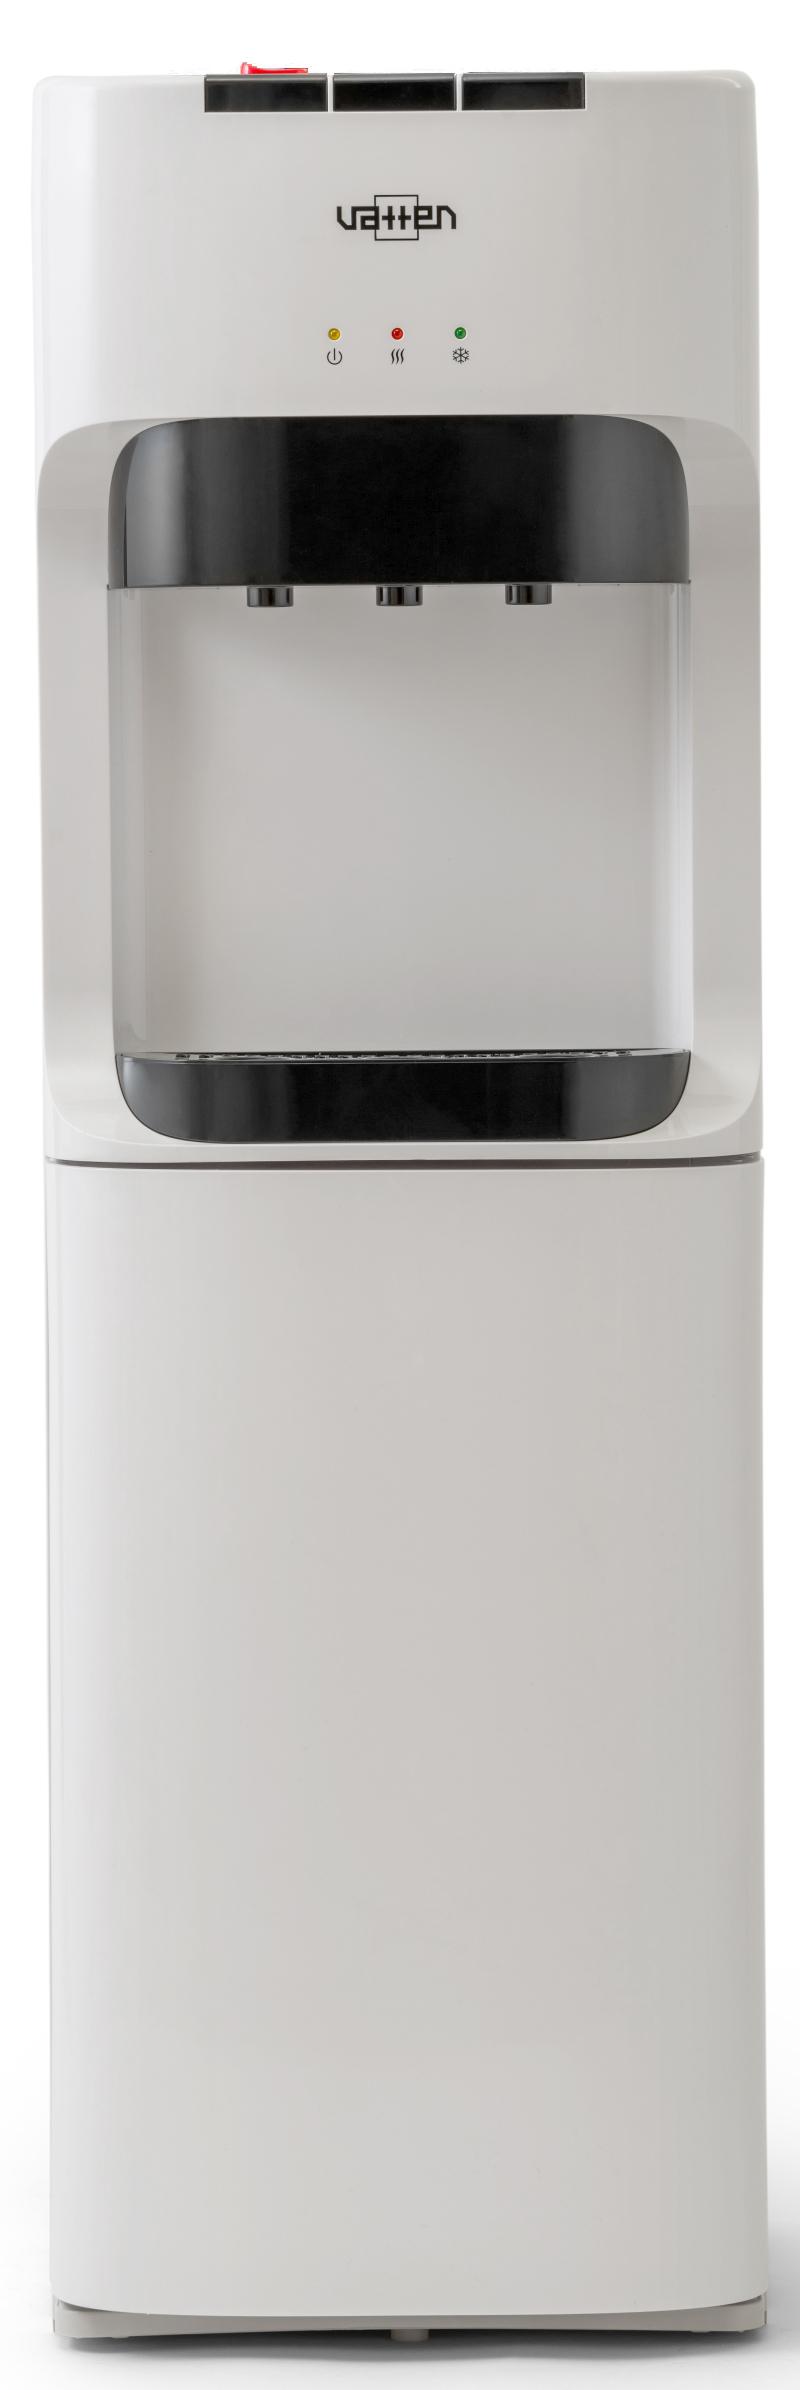 Кулер для воды VATTEN L45WE с нижней загрузкой бутыли